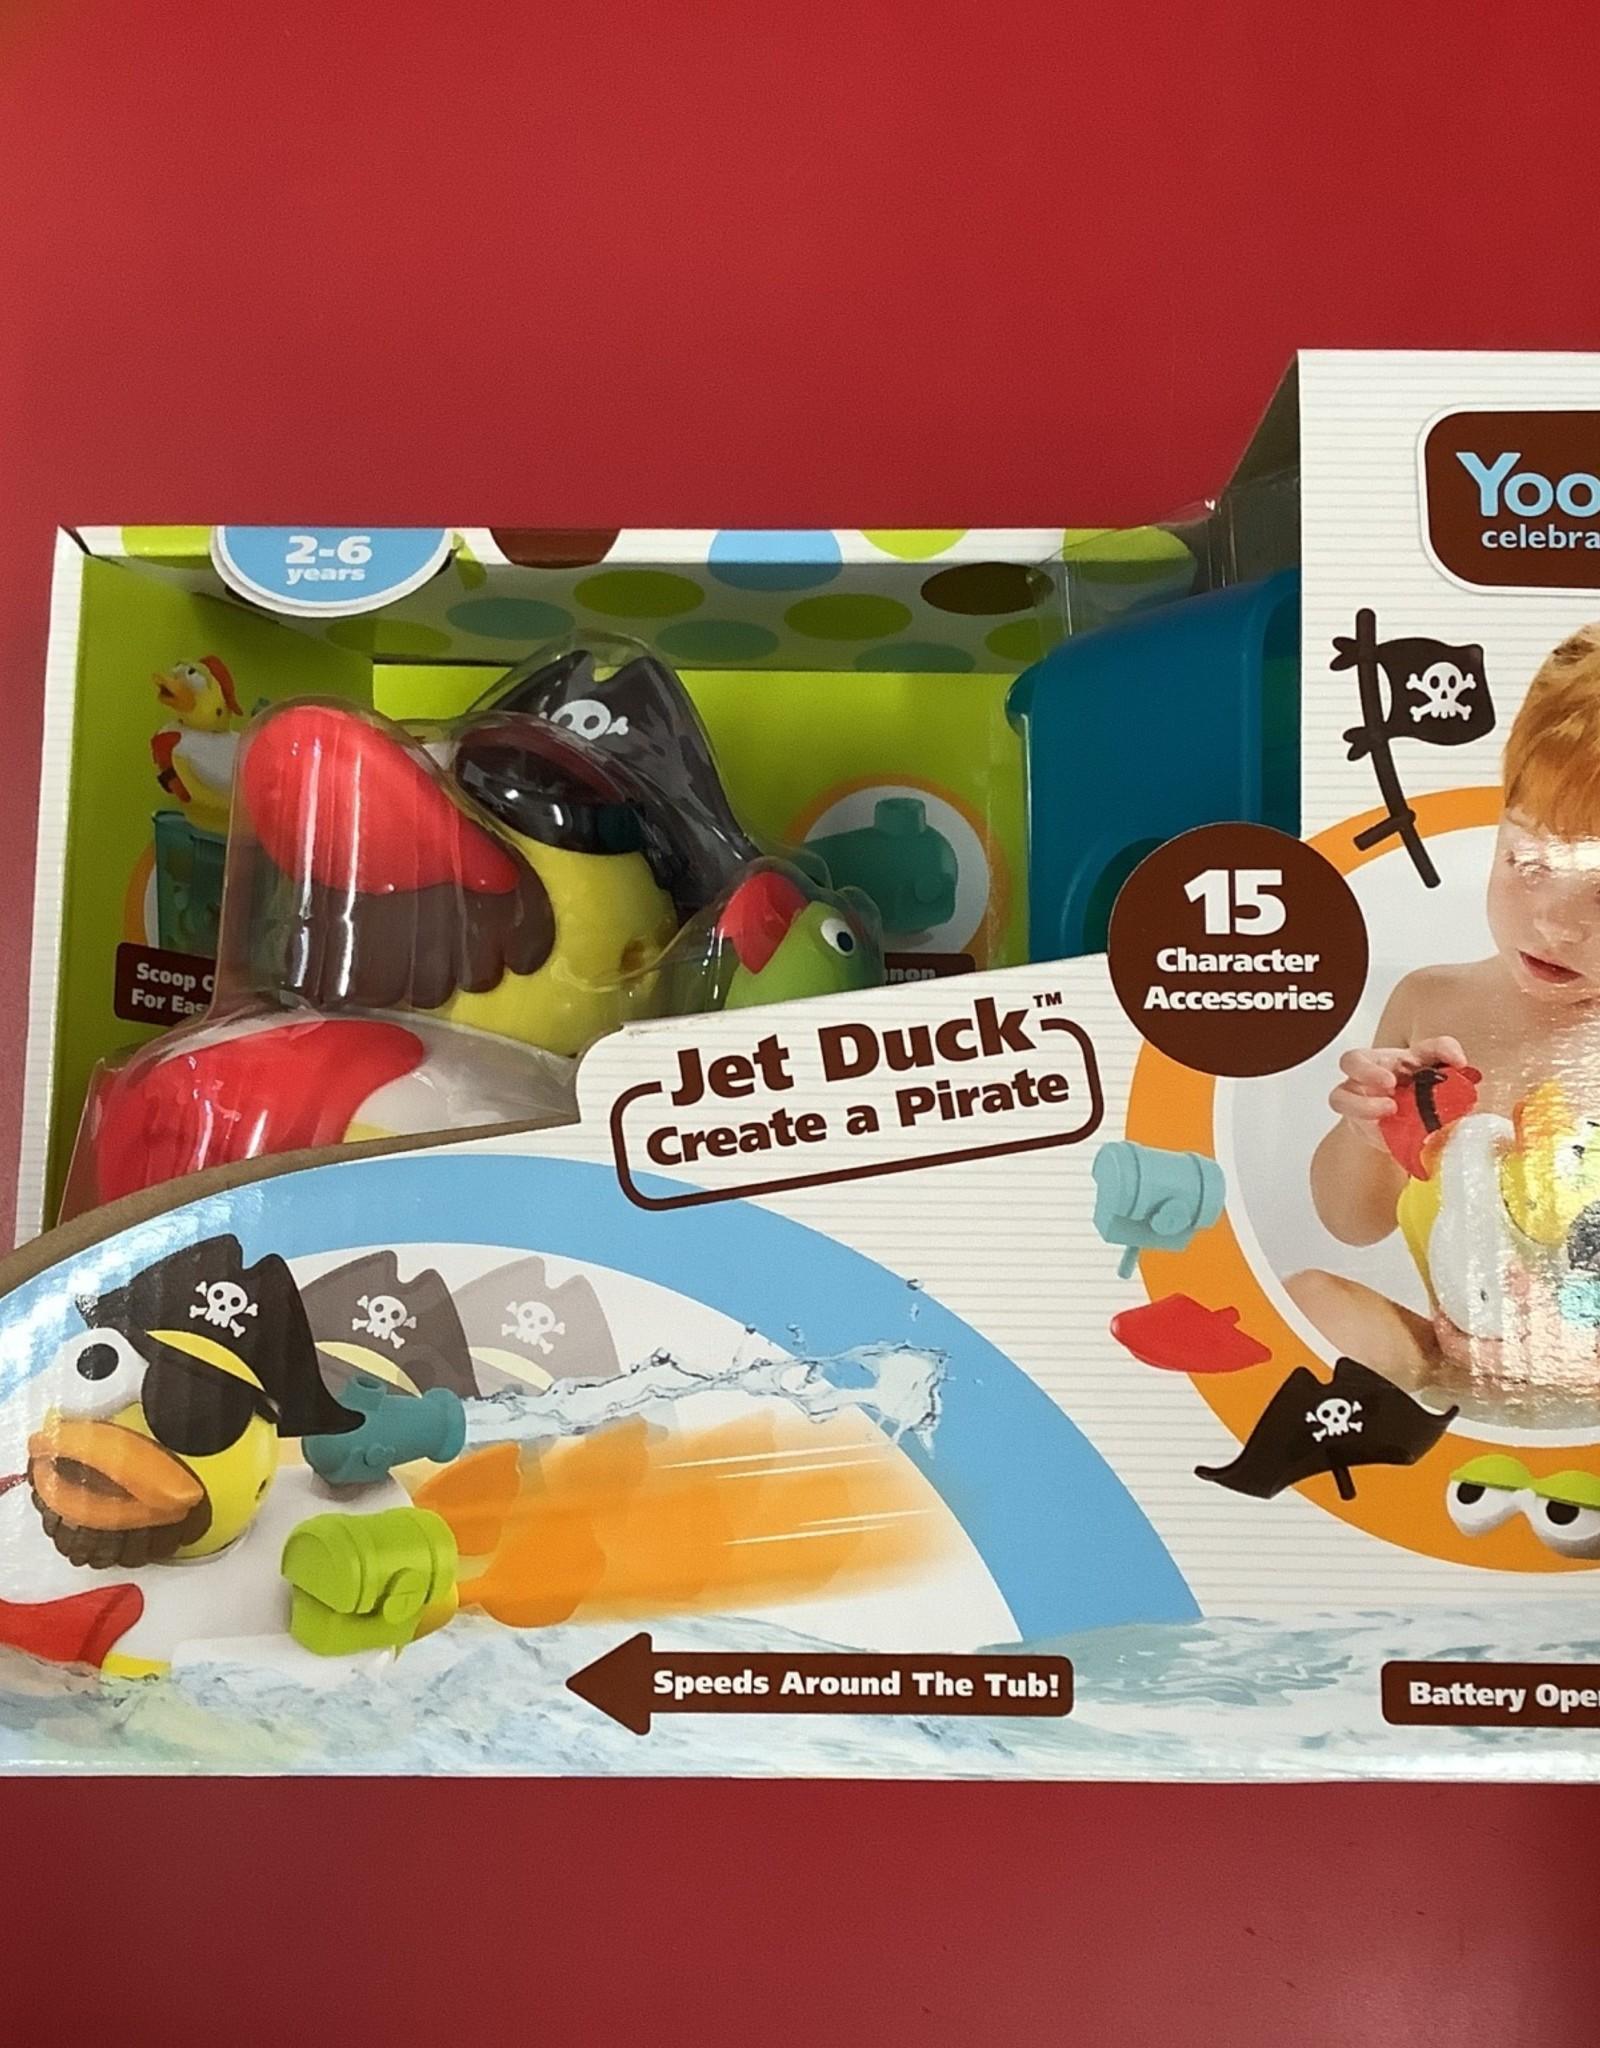 Yookidoo LTP Jet Duck Pirate